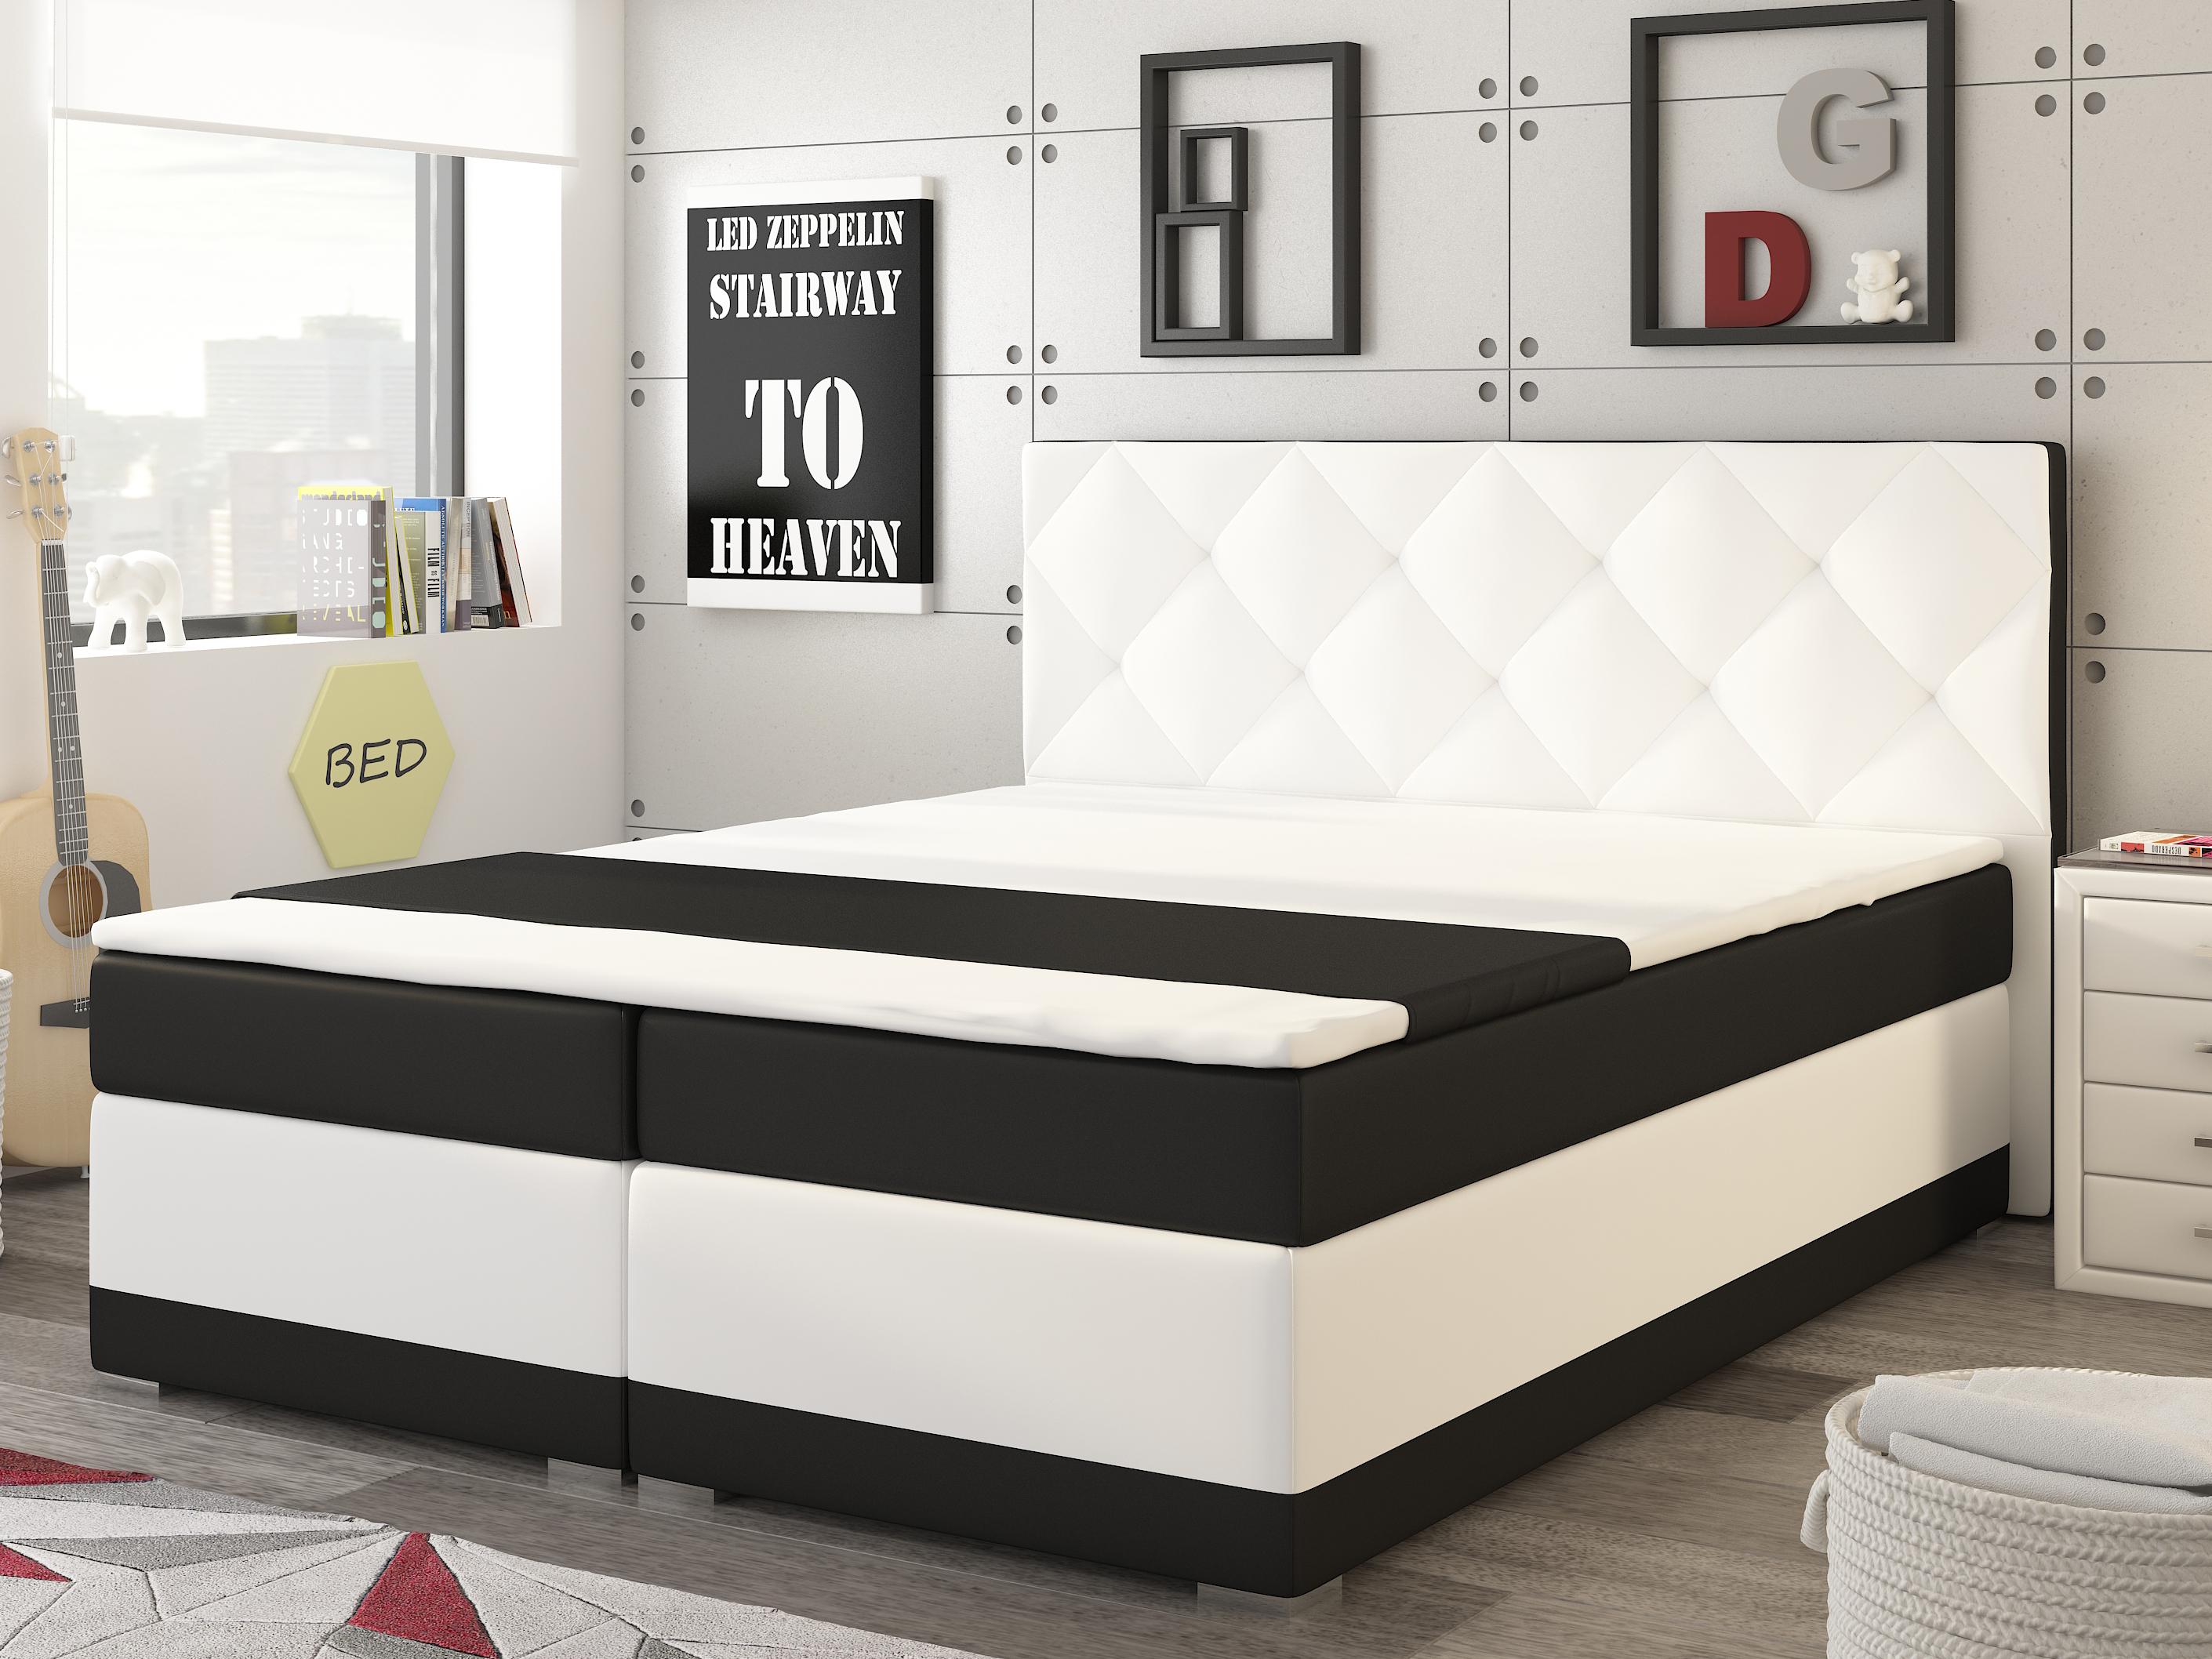 c35384cb5159 Manželská posteľ Boxspring 180 cm Modena (s matracmi)  výpredaj ...